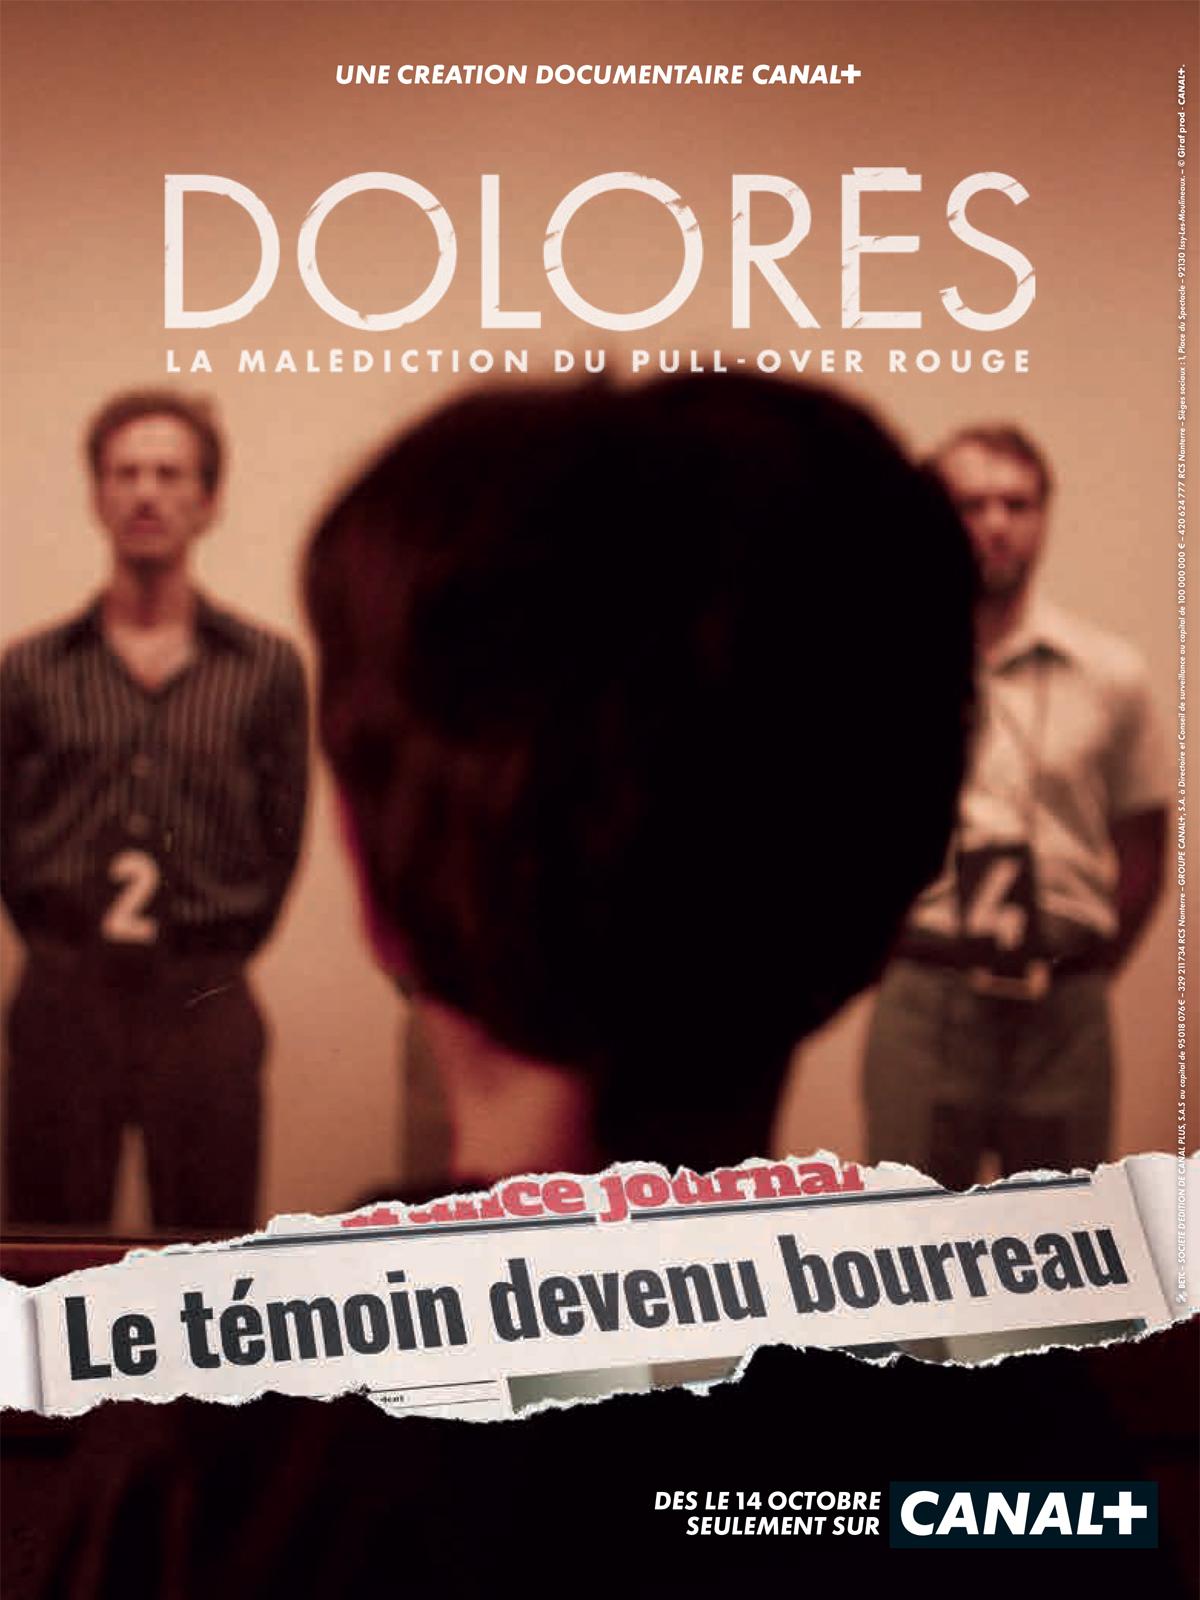 25 - Dolores, la malédiction du pull-over rouge